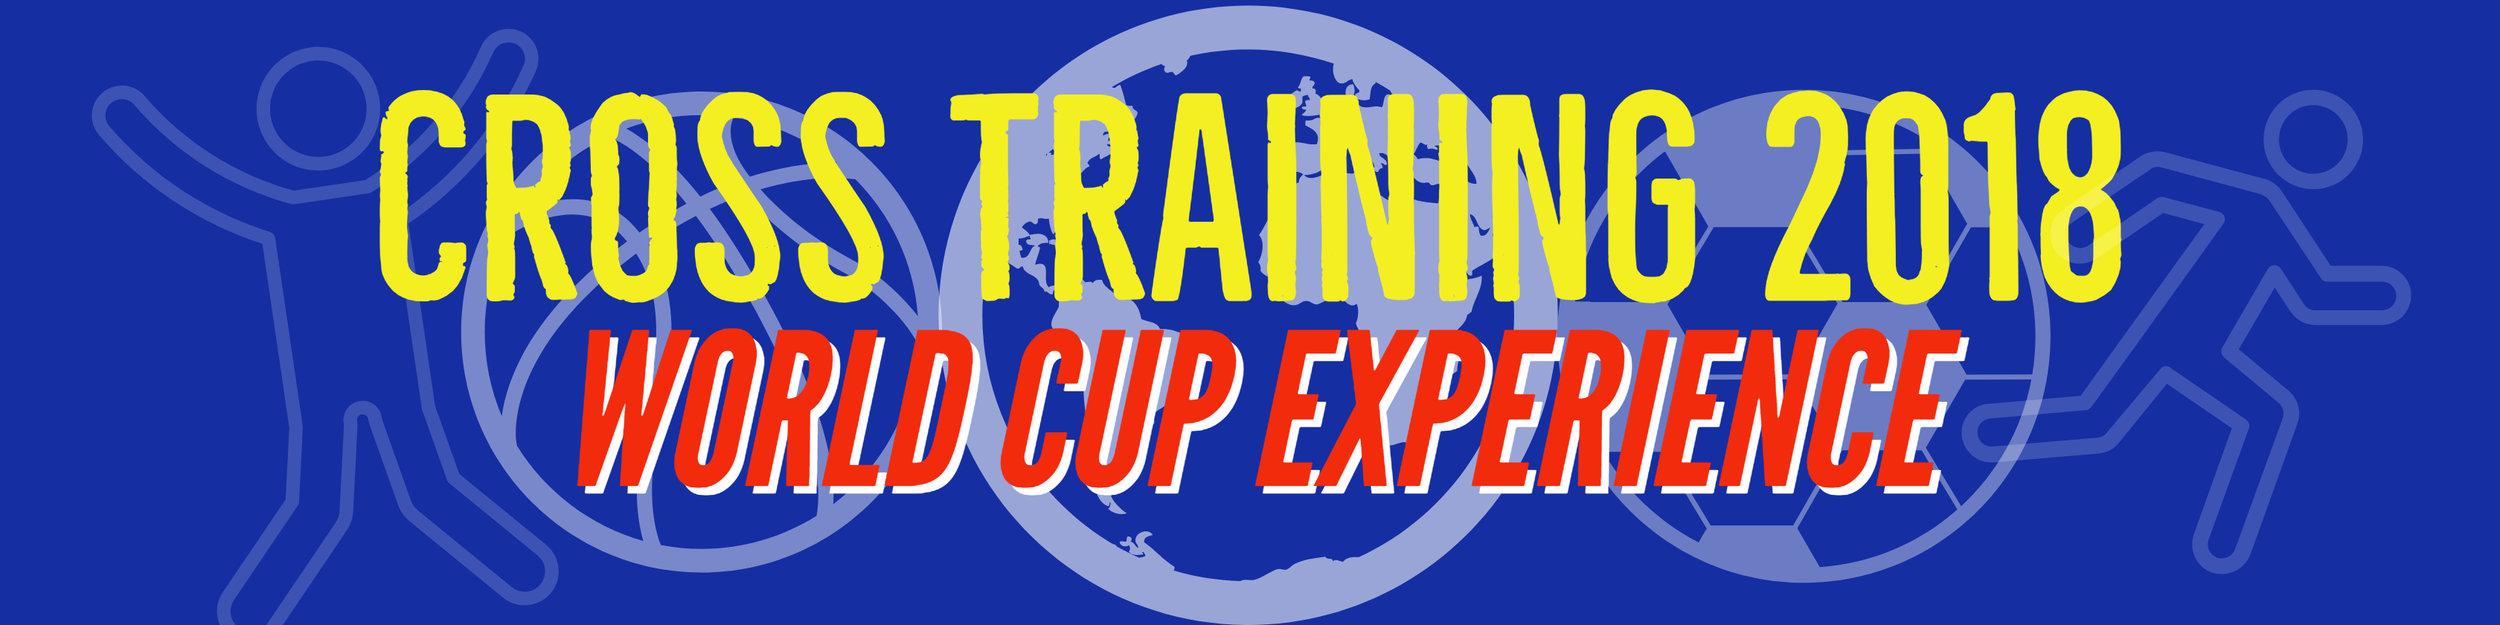 Cross Training Banner full color.jpg